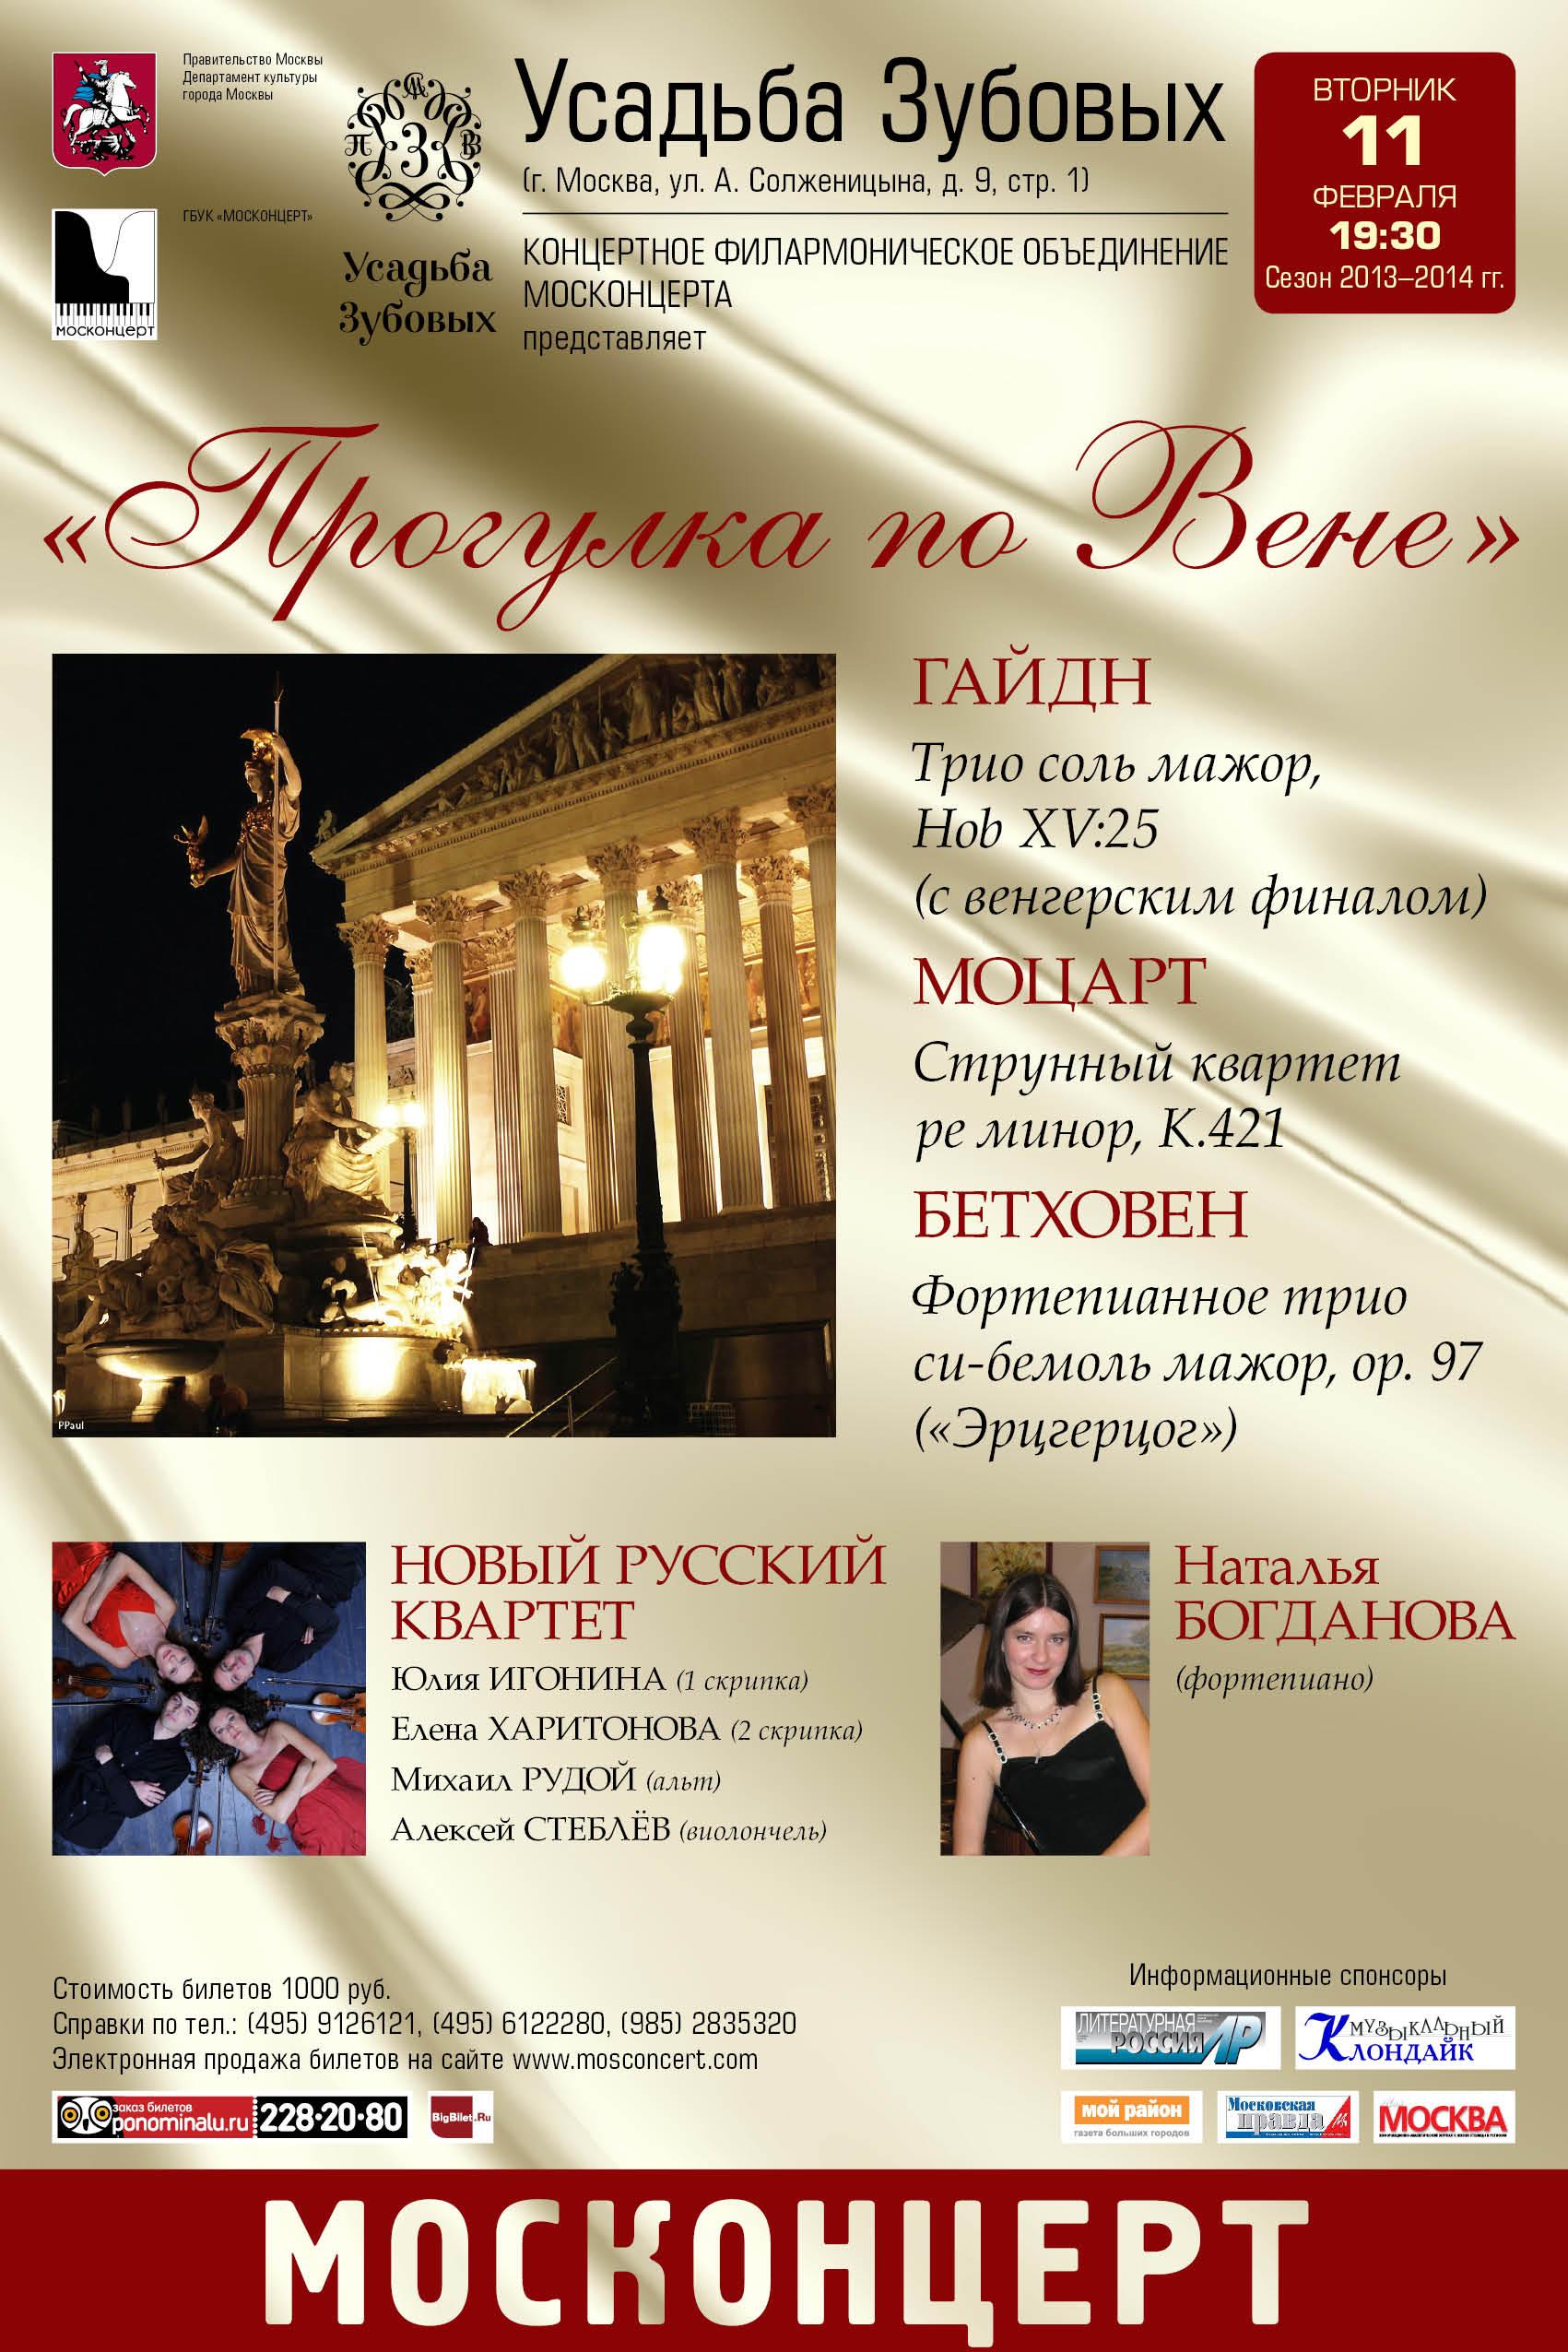 11 02 14 Афиша-page-001.jpg